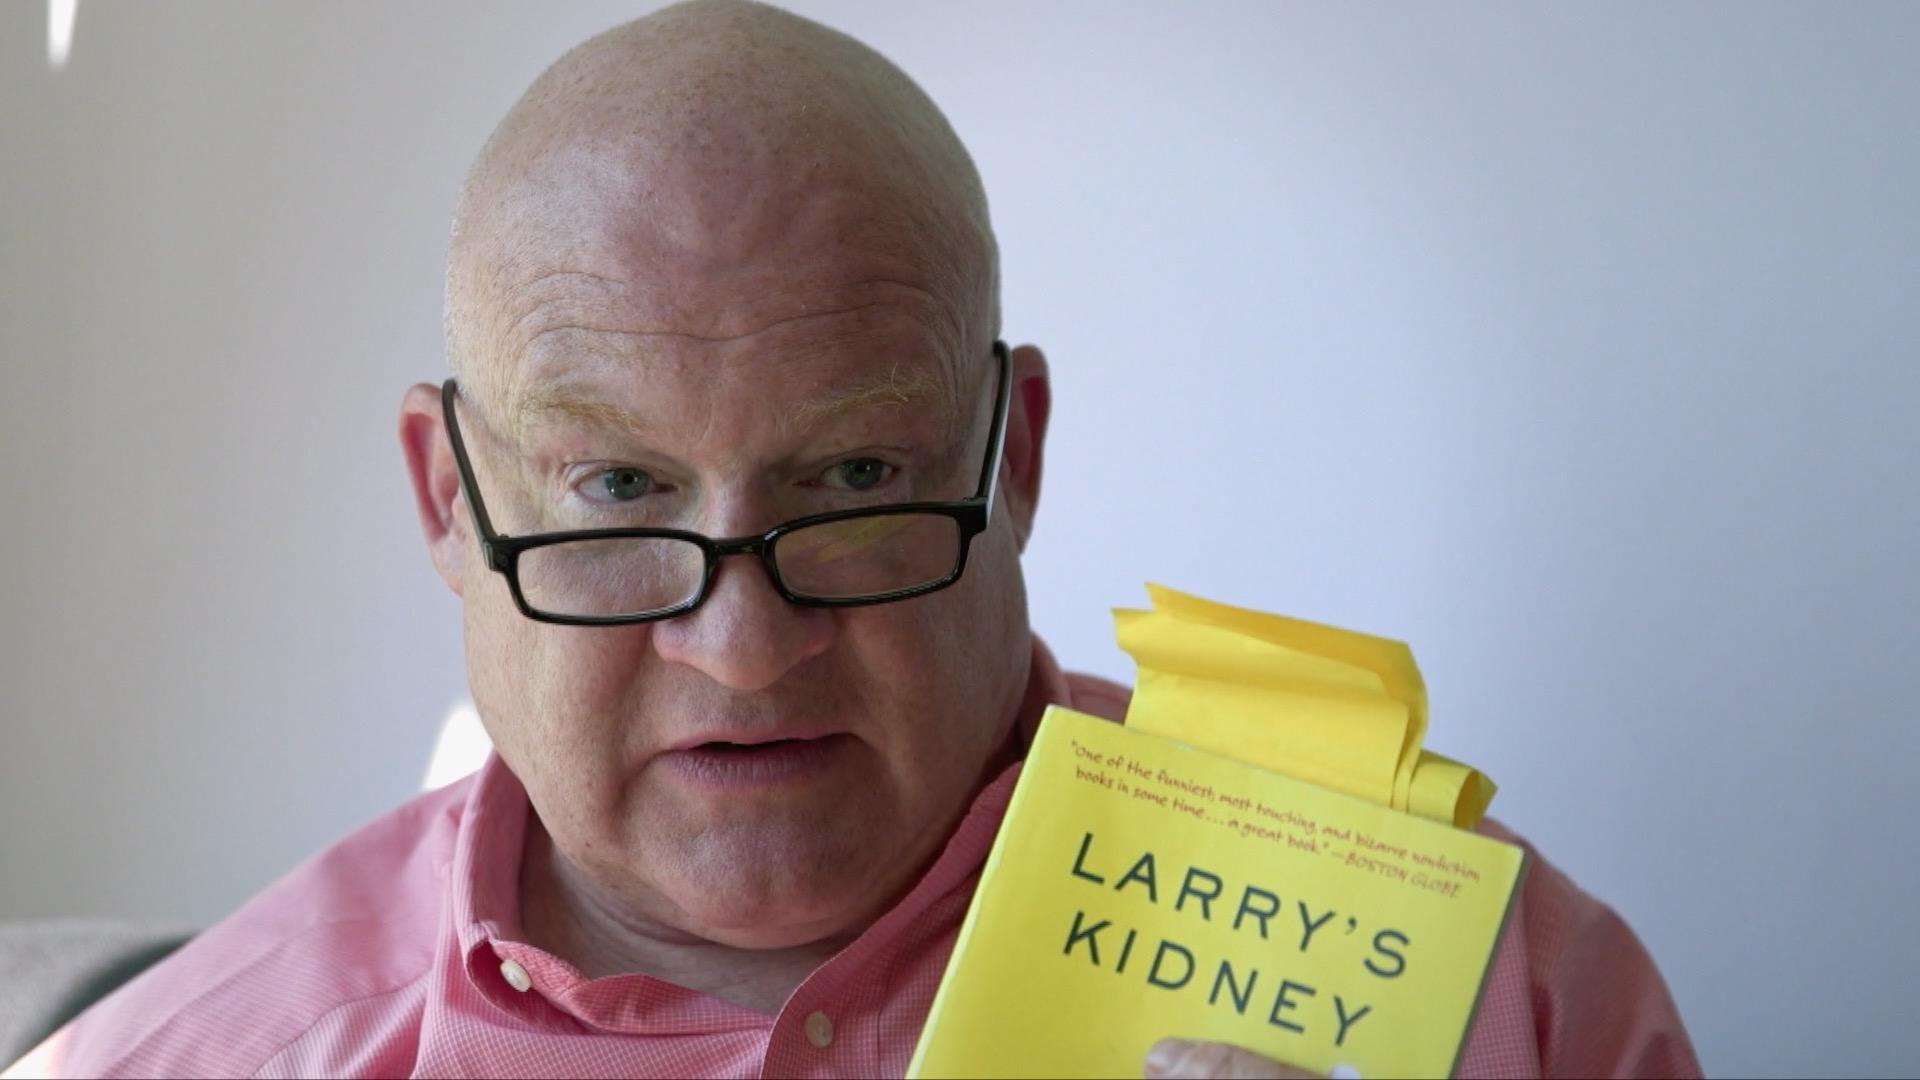 HTB-Larrys-kidney.jpg